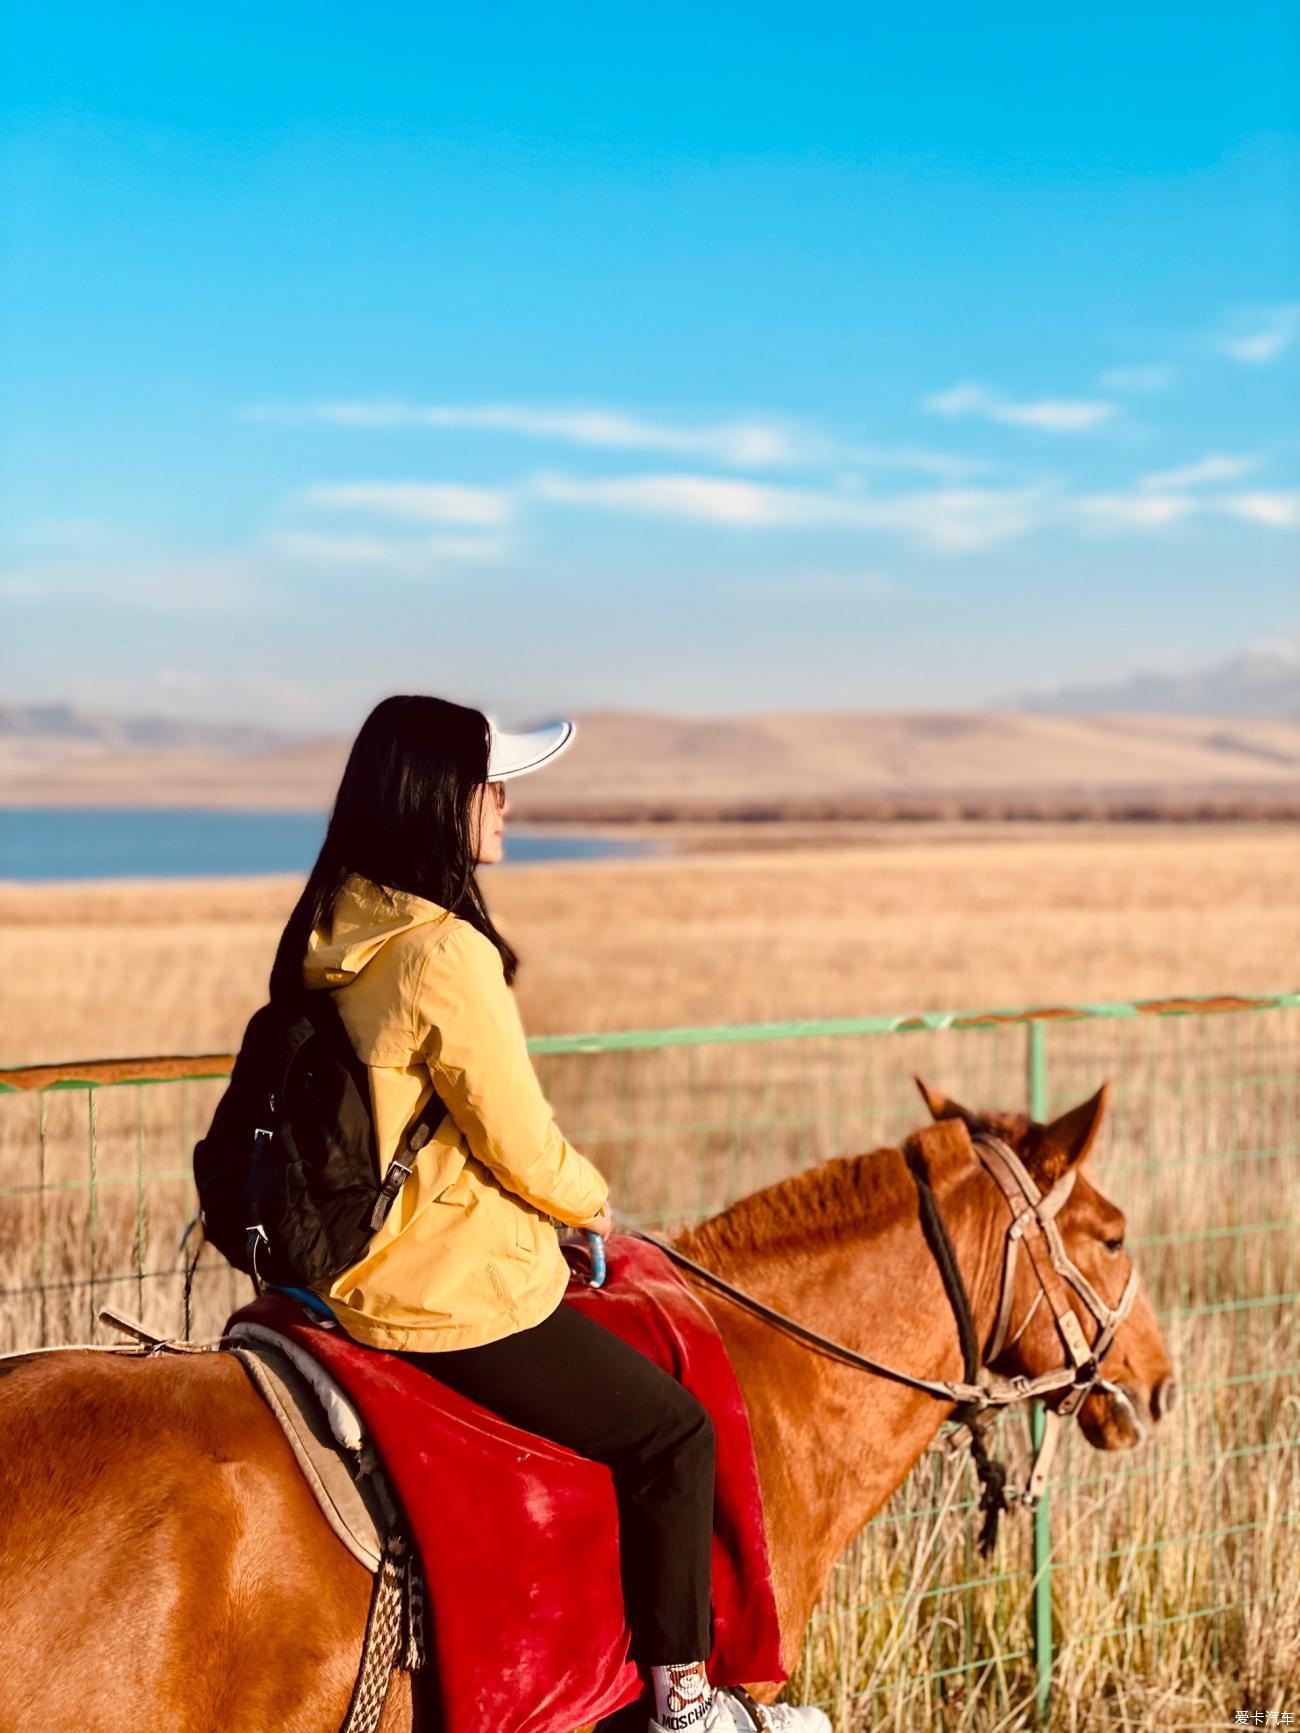 甘肃、内蒙、青海环线自驾游——感受沙漠越野、寻胡杨林美境